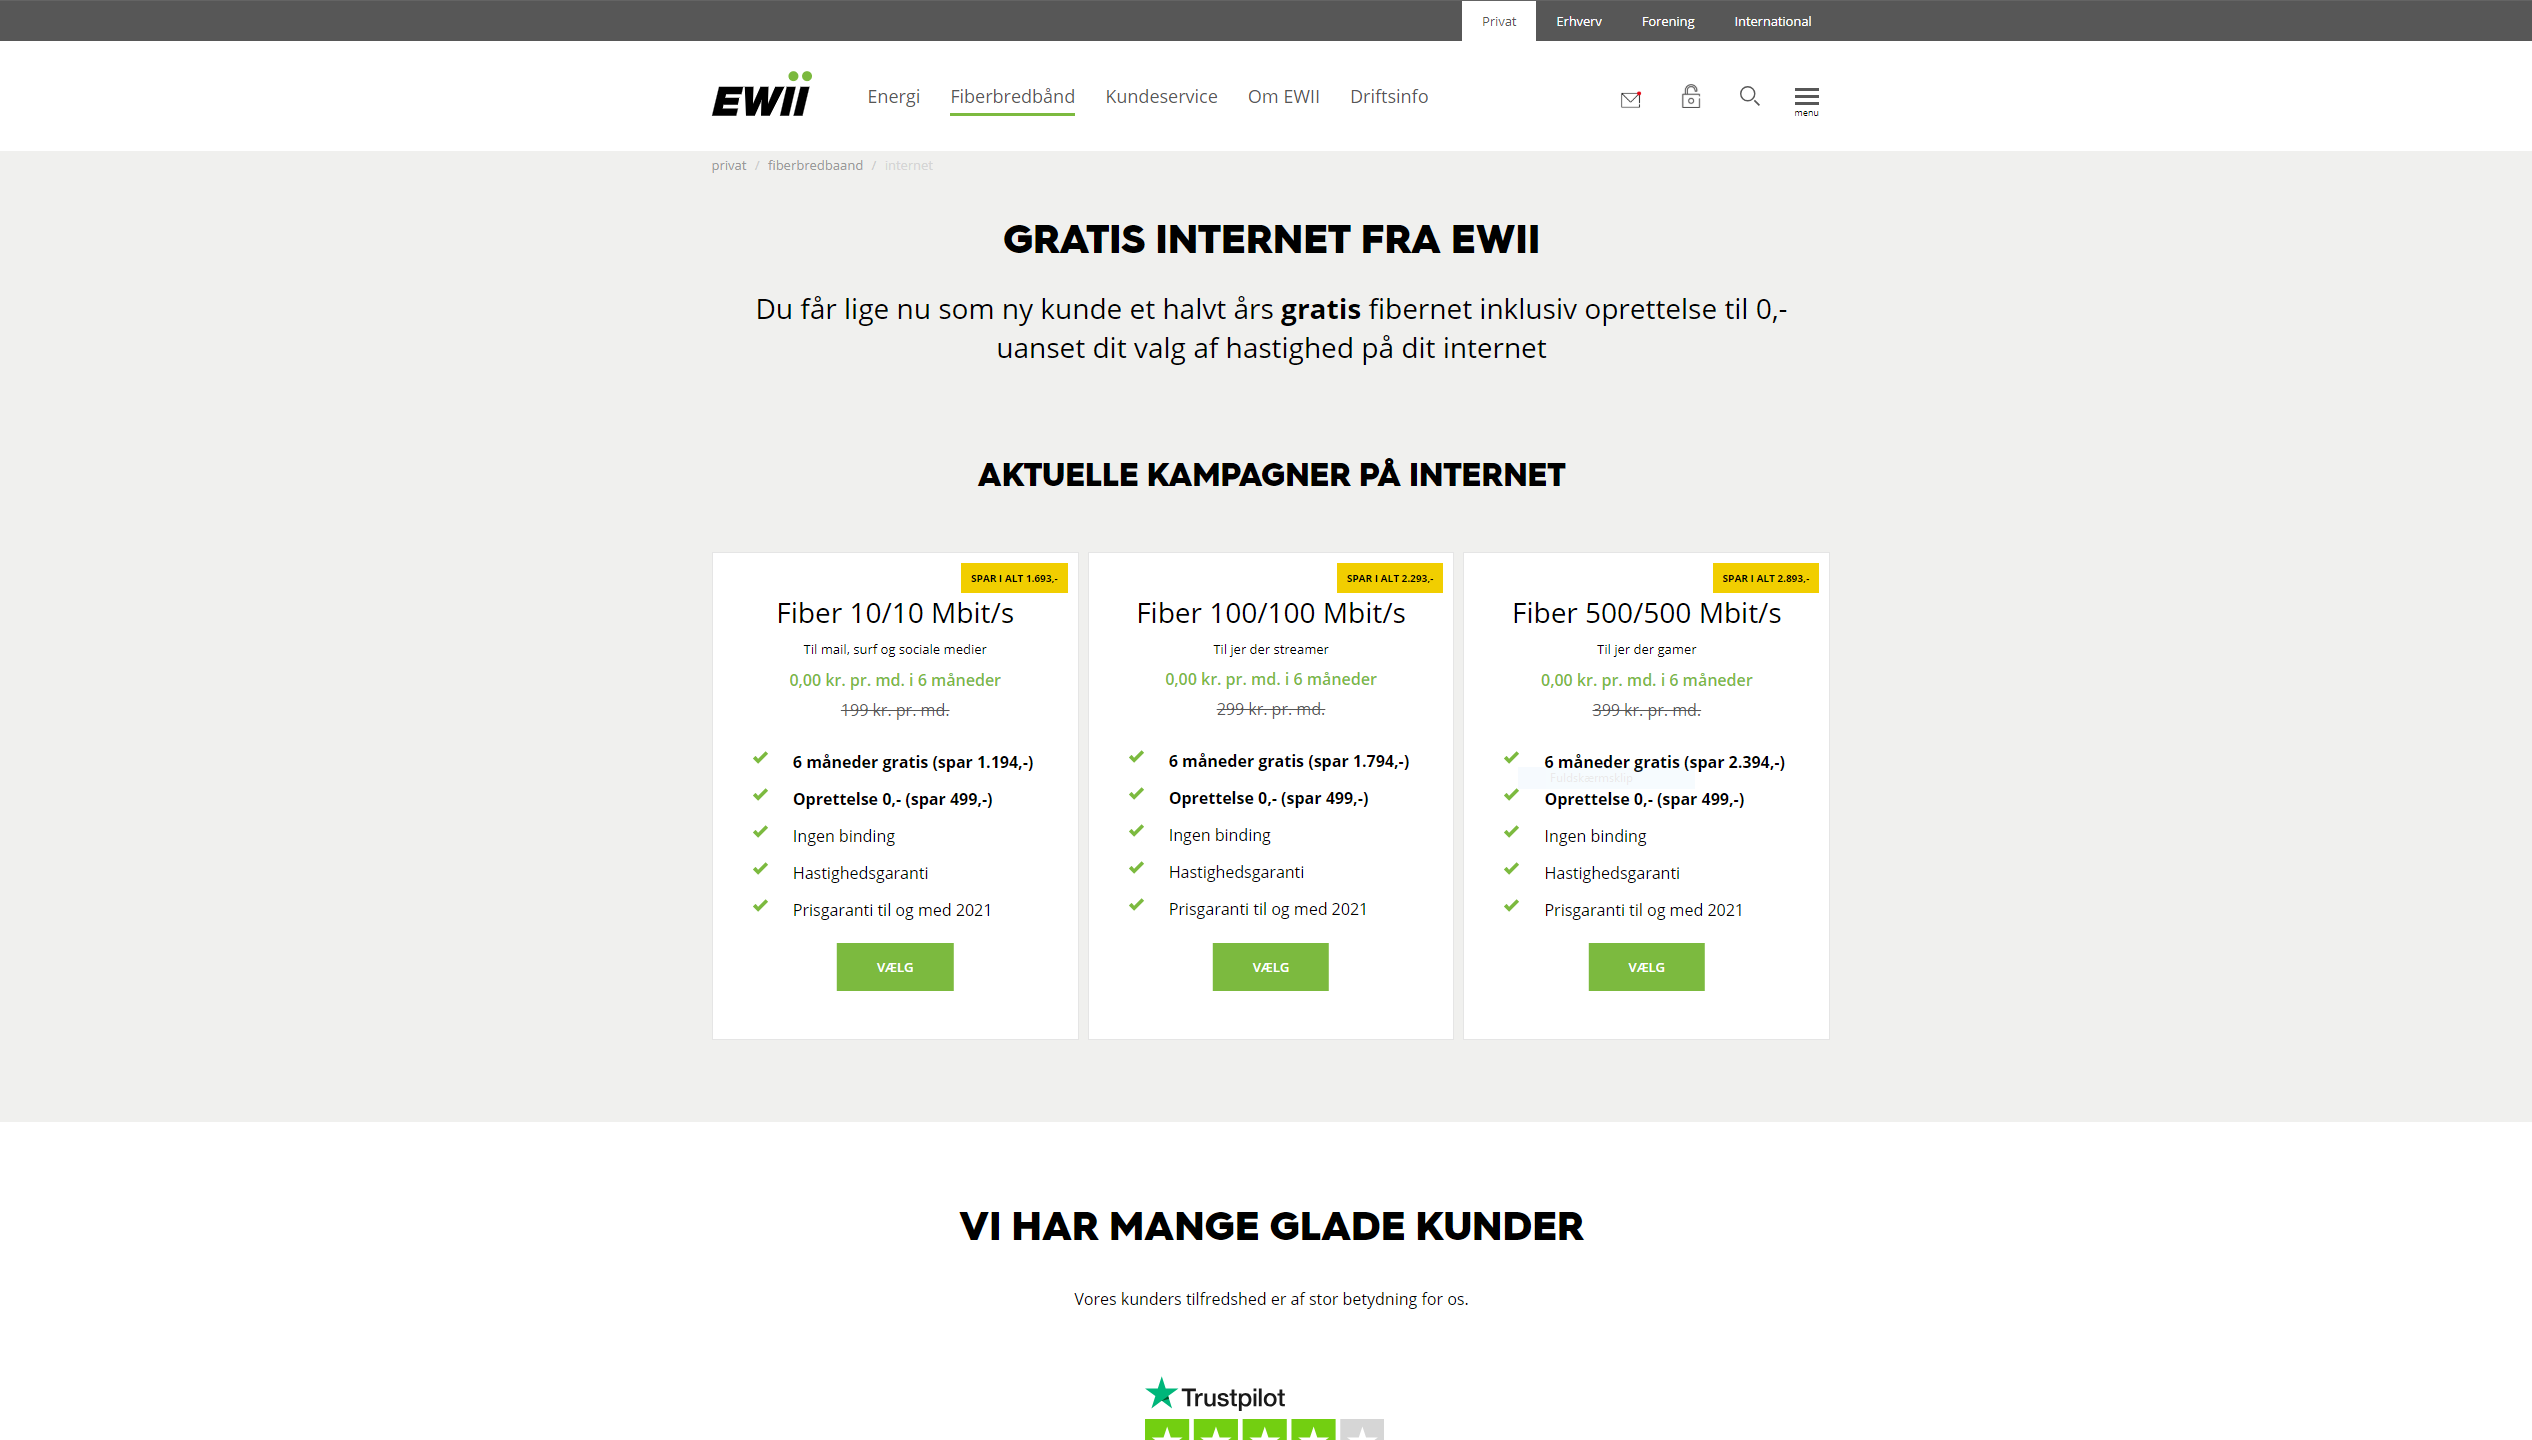 df42658c03d98 NET-Tilbud.dk - EWII - Fiberbredbånd - Halvt års gratis internet inklusiv  gratis tilslutning til fibernettet